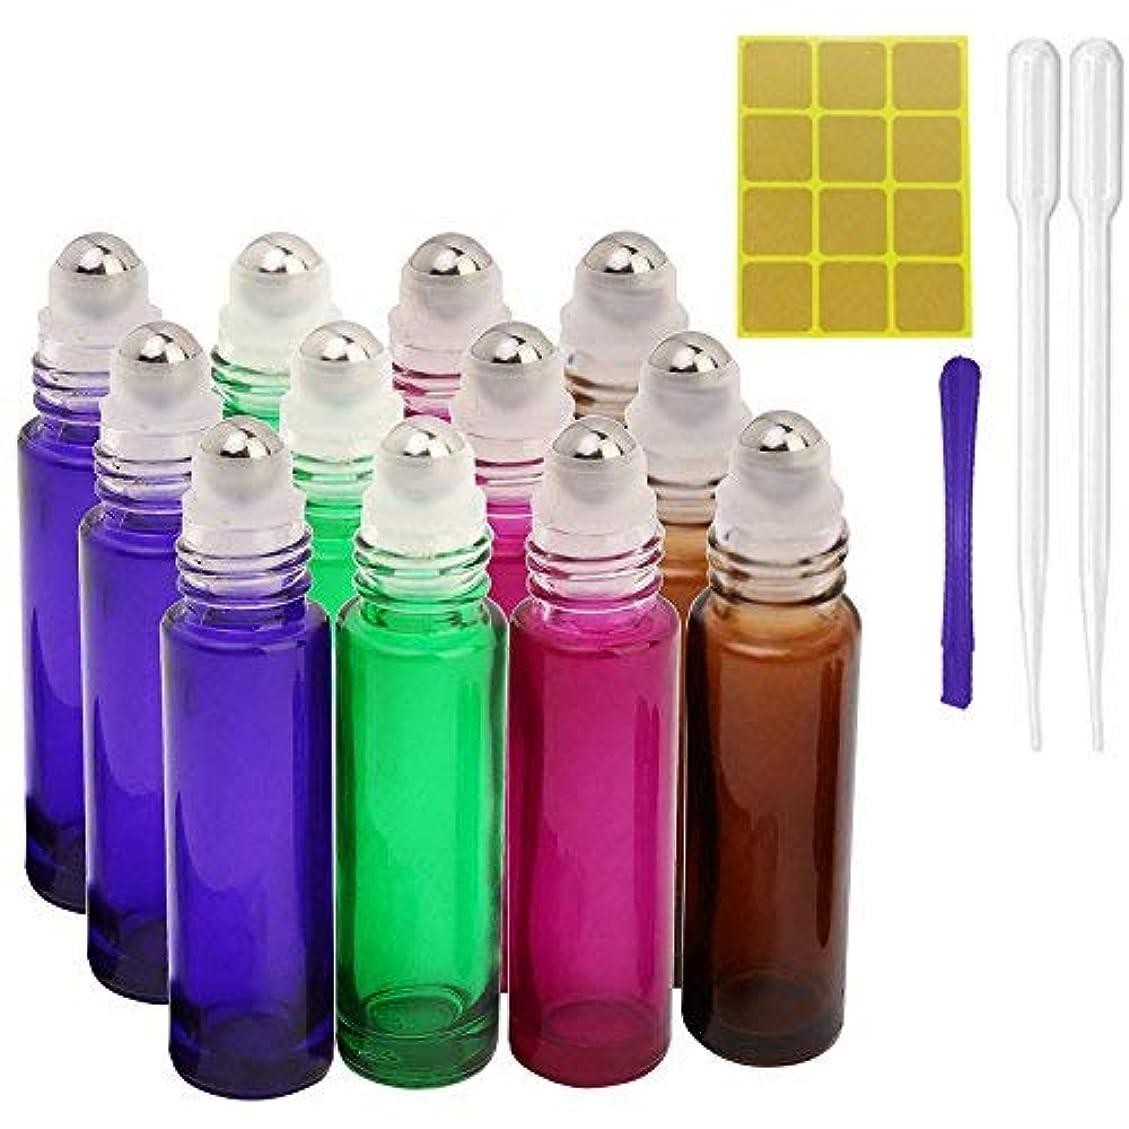 スキャンダル思想入学する12, 10ml Roller Bottles for Essential Oils - Glass Refillable Roller on Bottles with 1 Opener, 2 Droppers, 24...